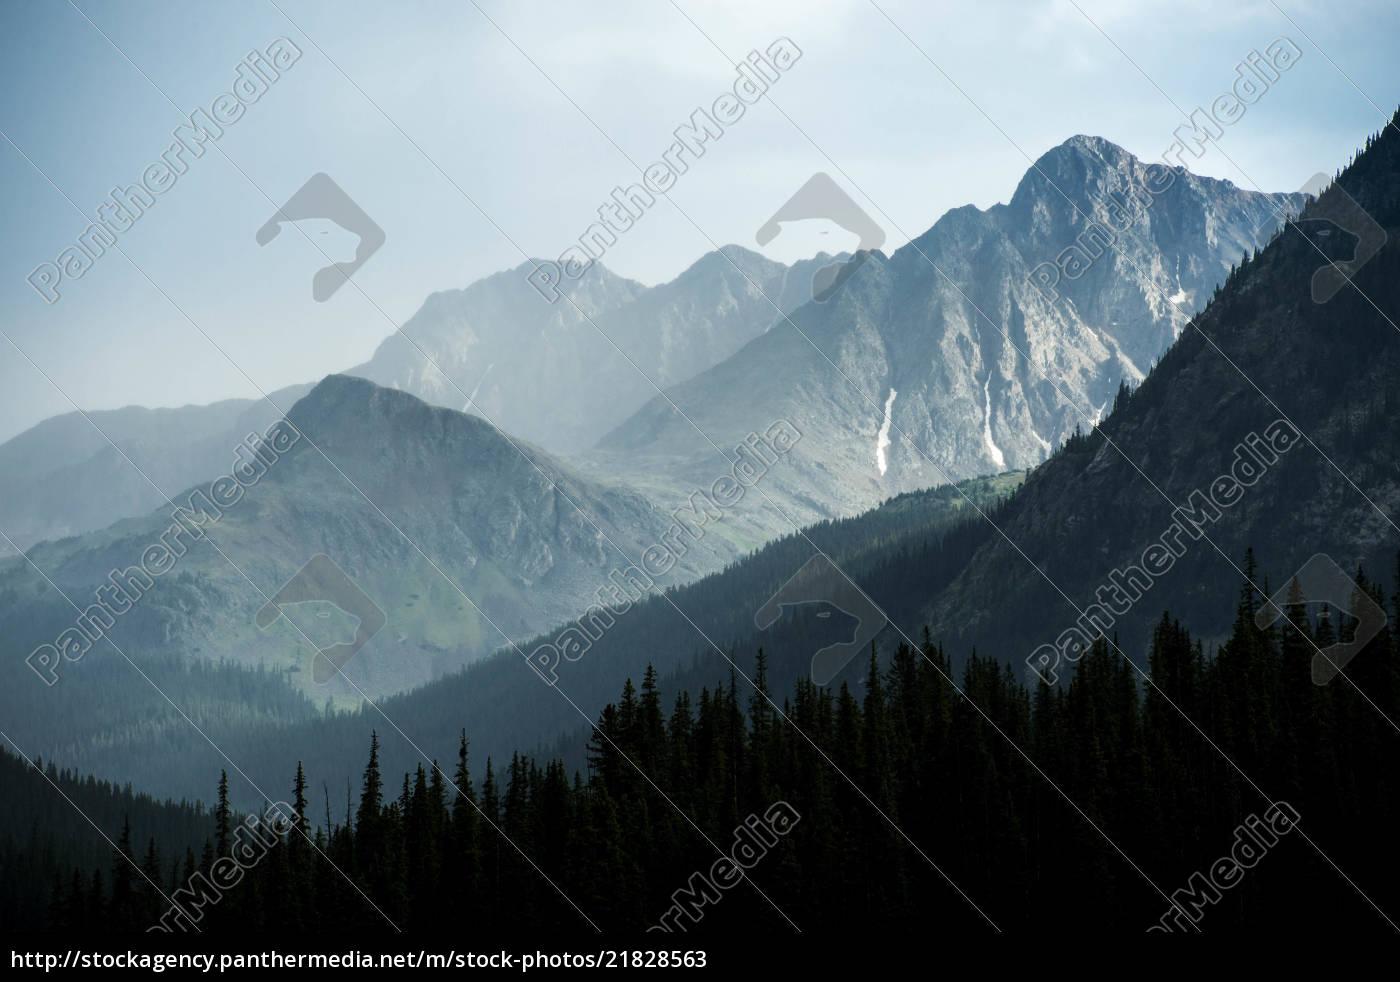 mistyczny, krajobraz, górski, podczas, burzy - 21828563